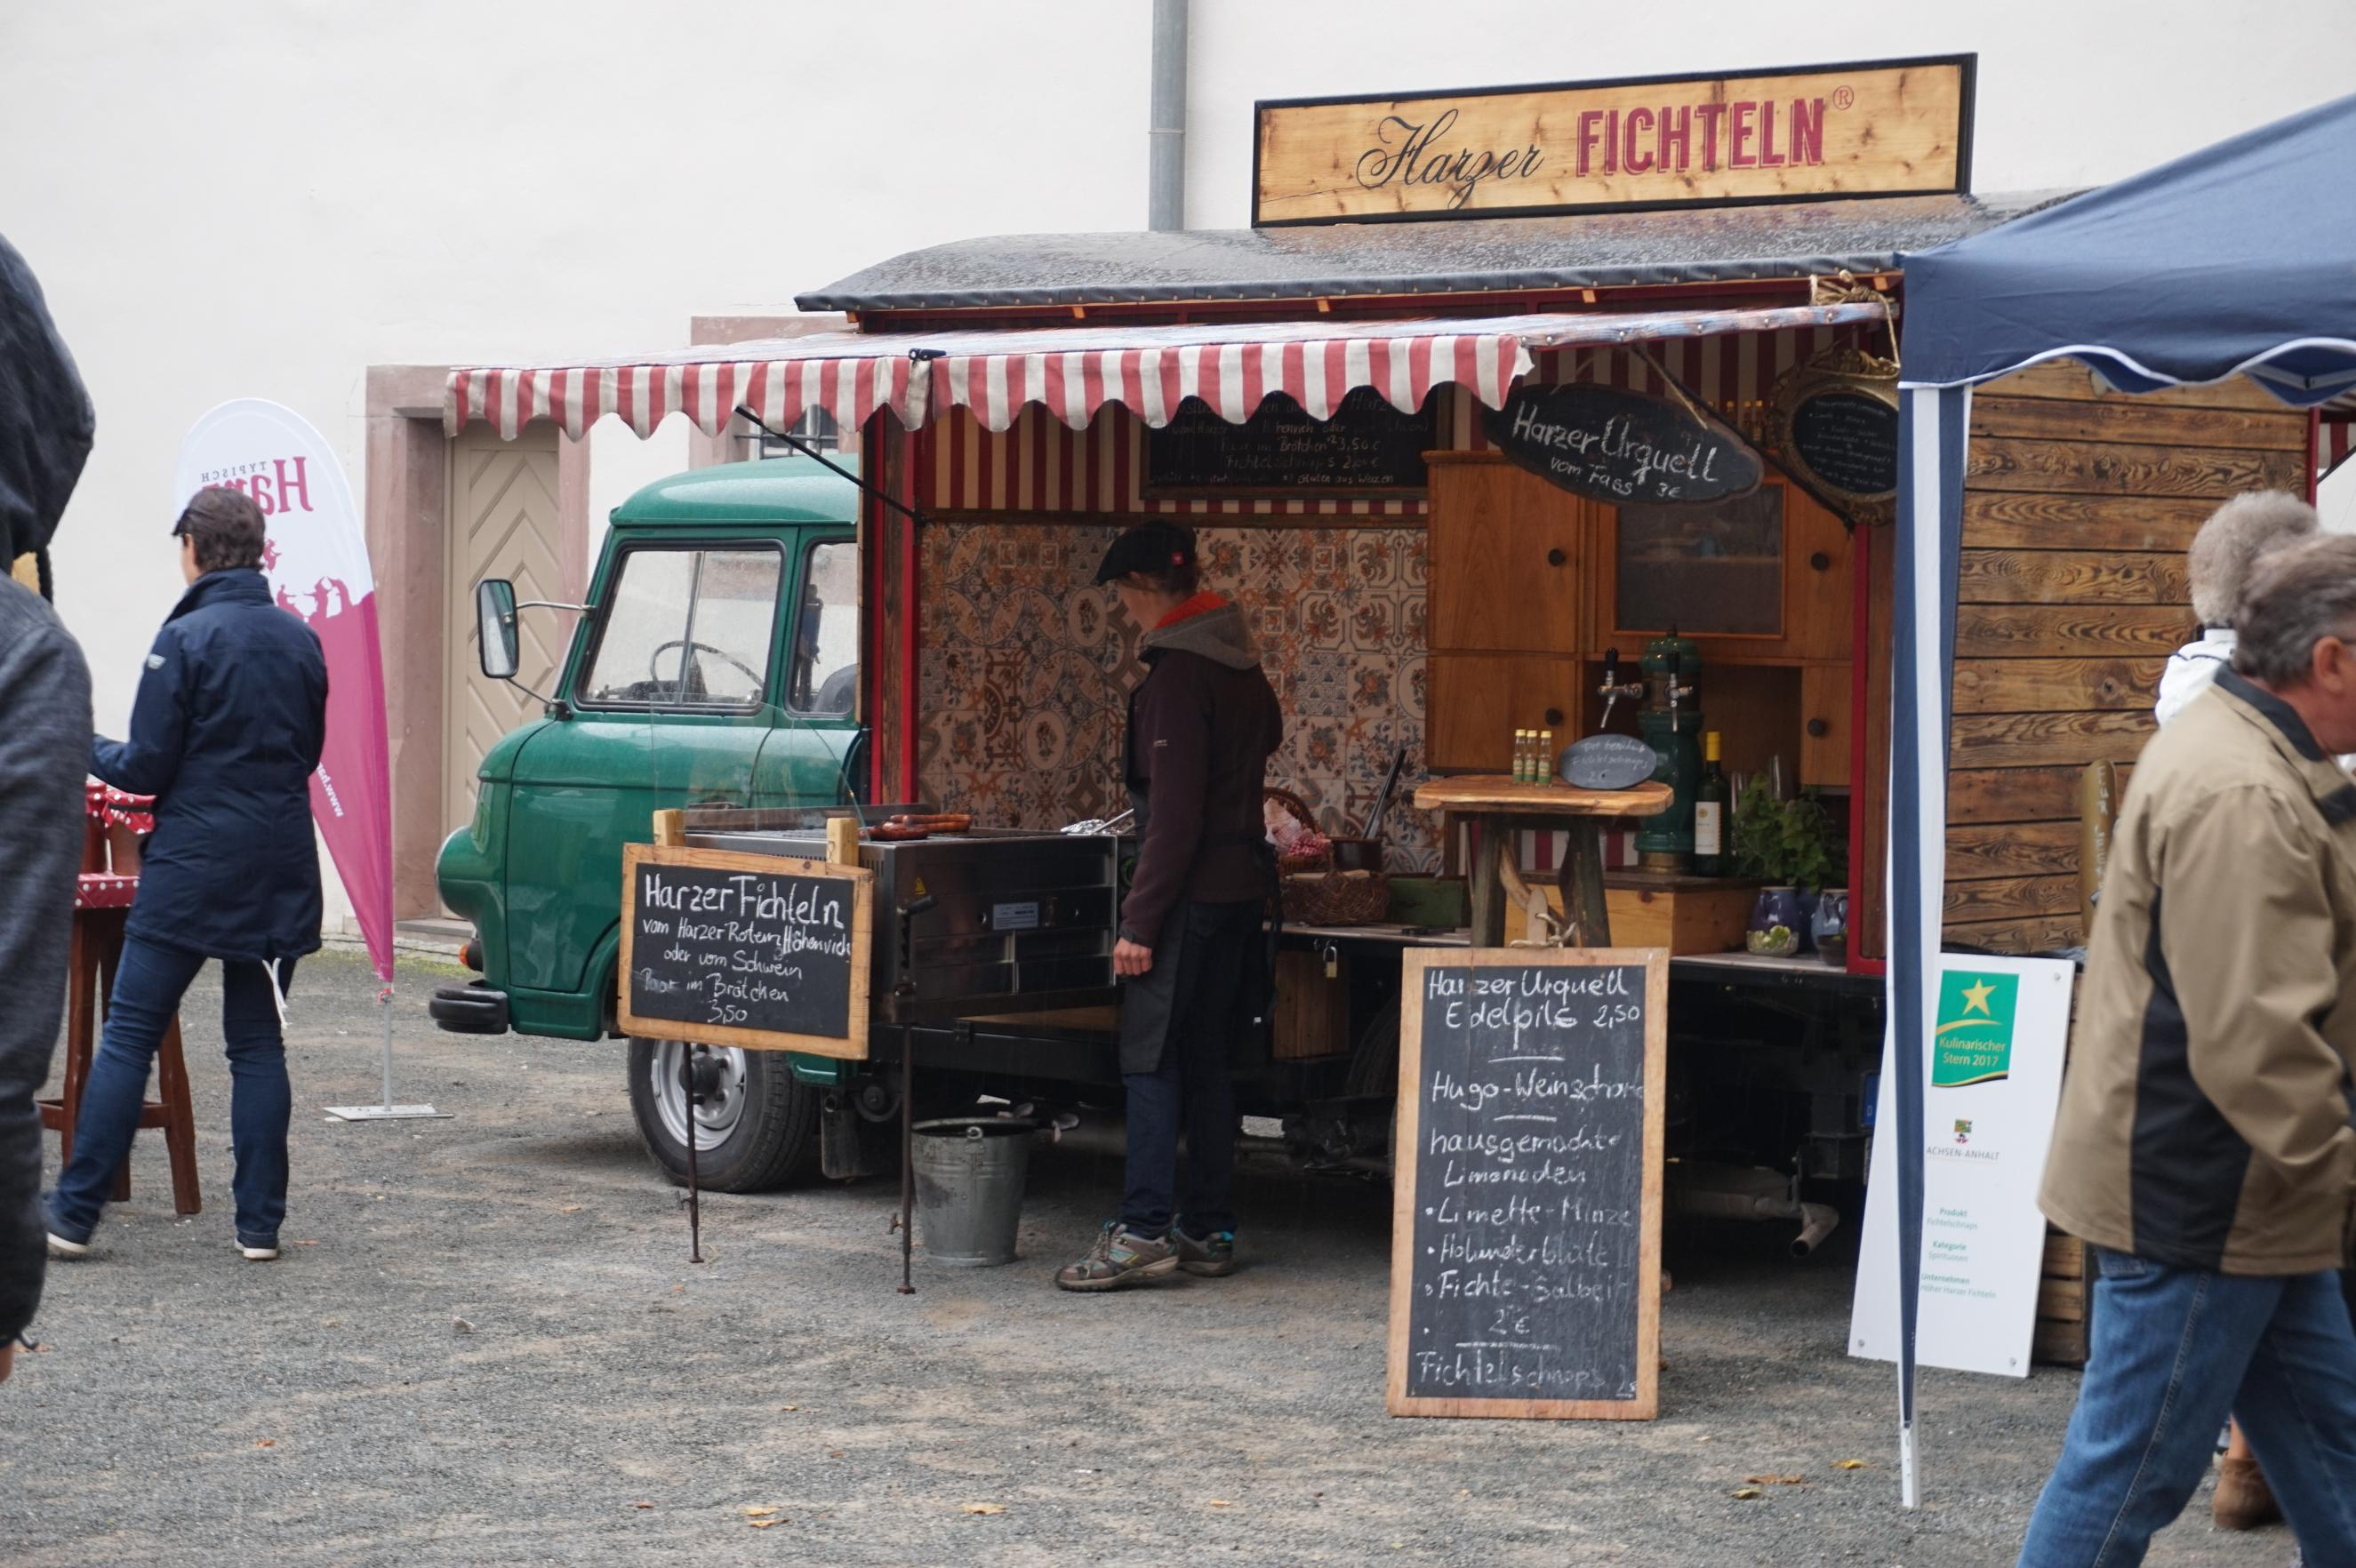 Harzer Fichteln auf dem Typisch Harz-Markt Harzgerode